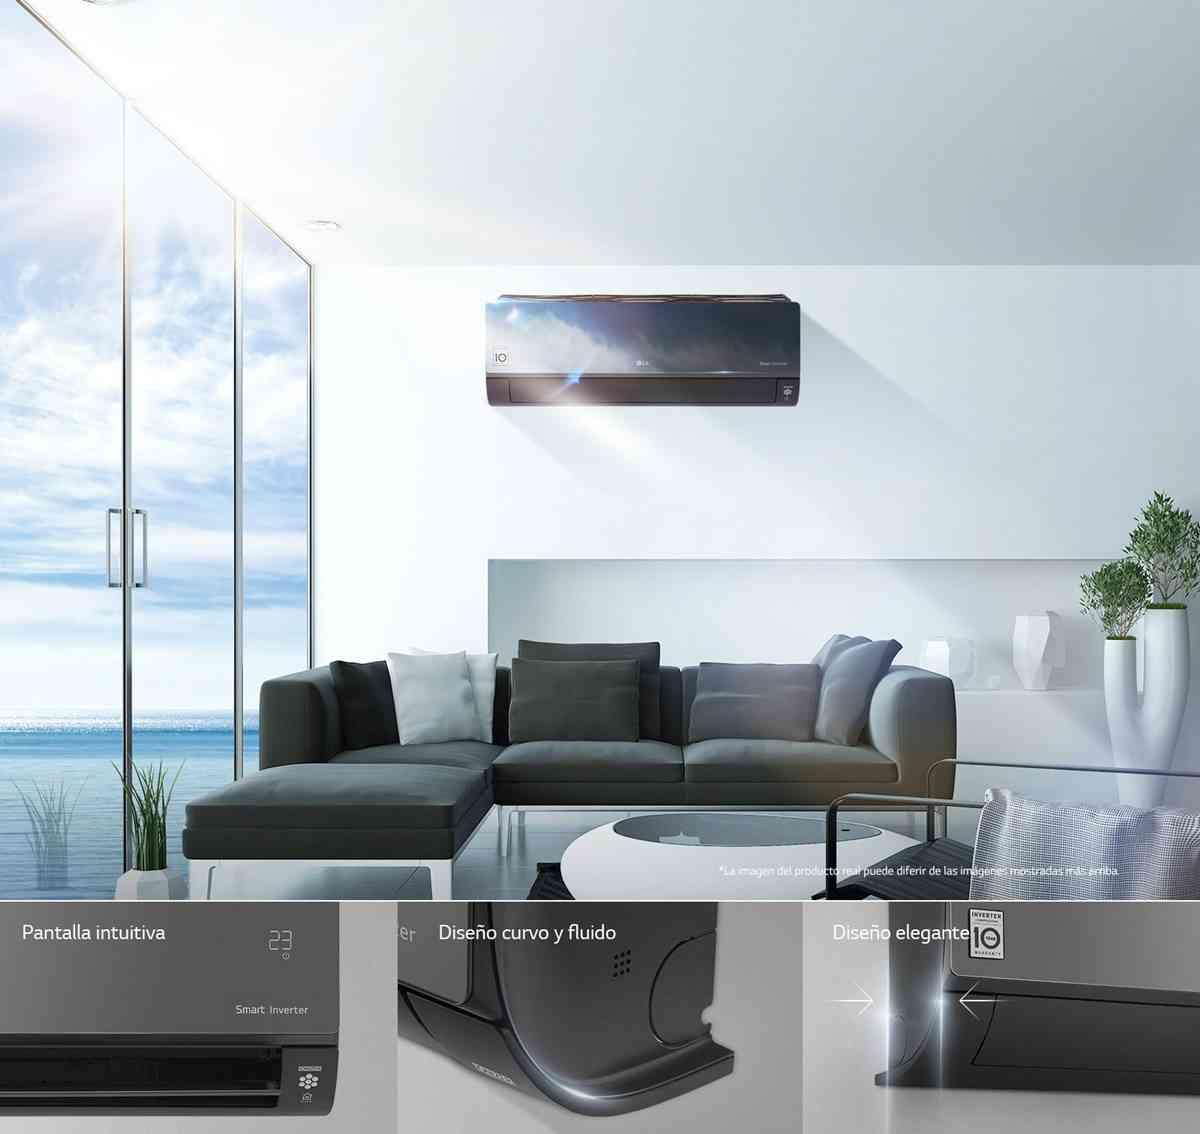 Celebrar el Día Mundial de la Refrigeración con el Artcool Mirror de LG